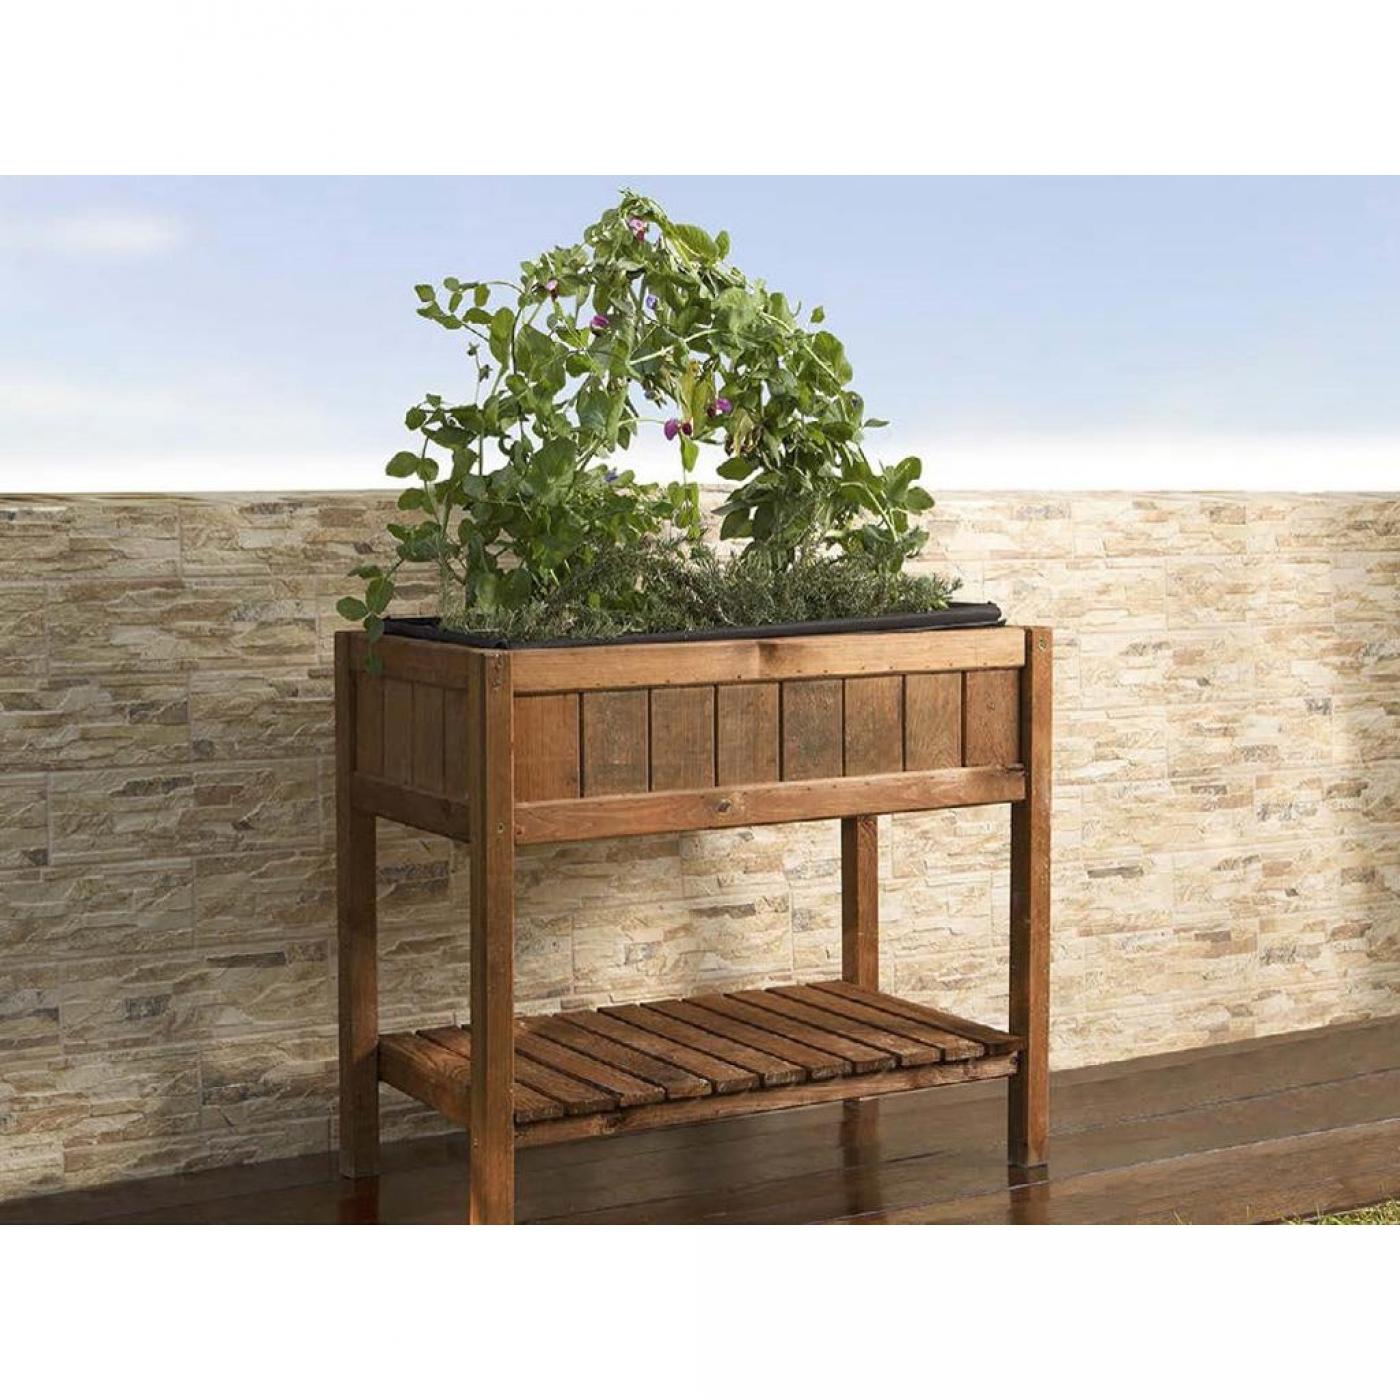 Mesa de cultivo de madera germin 40 por 62 95 en planeta for Mesas de cultivo urbano